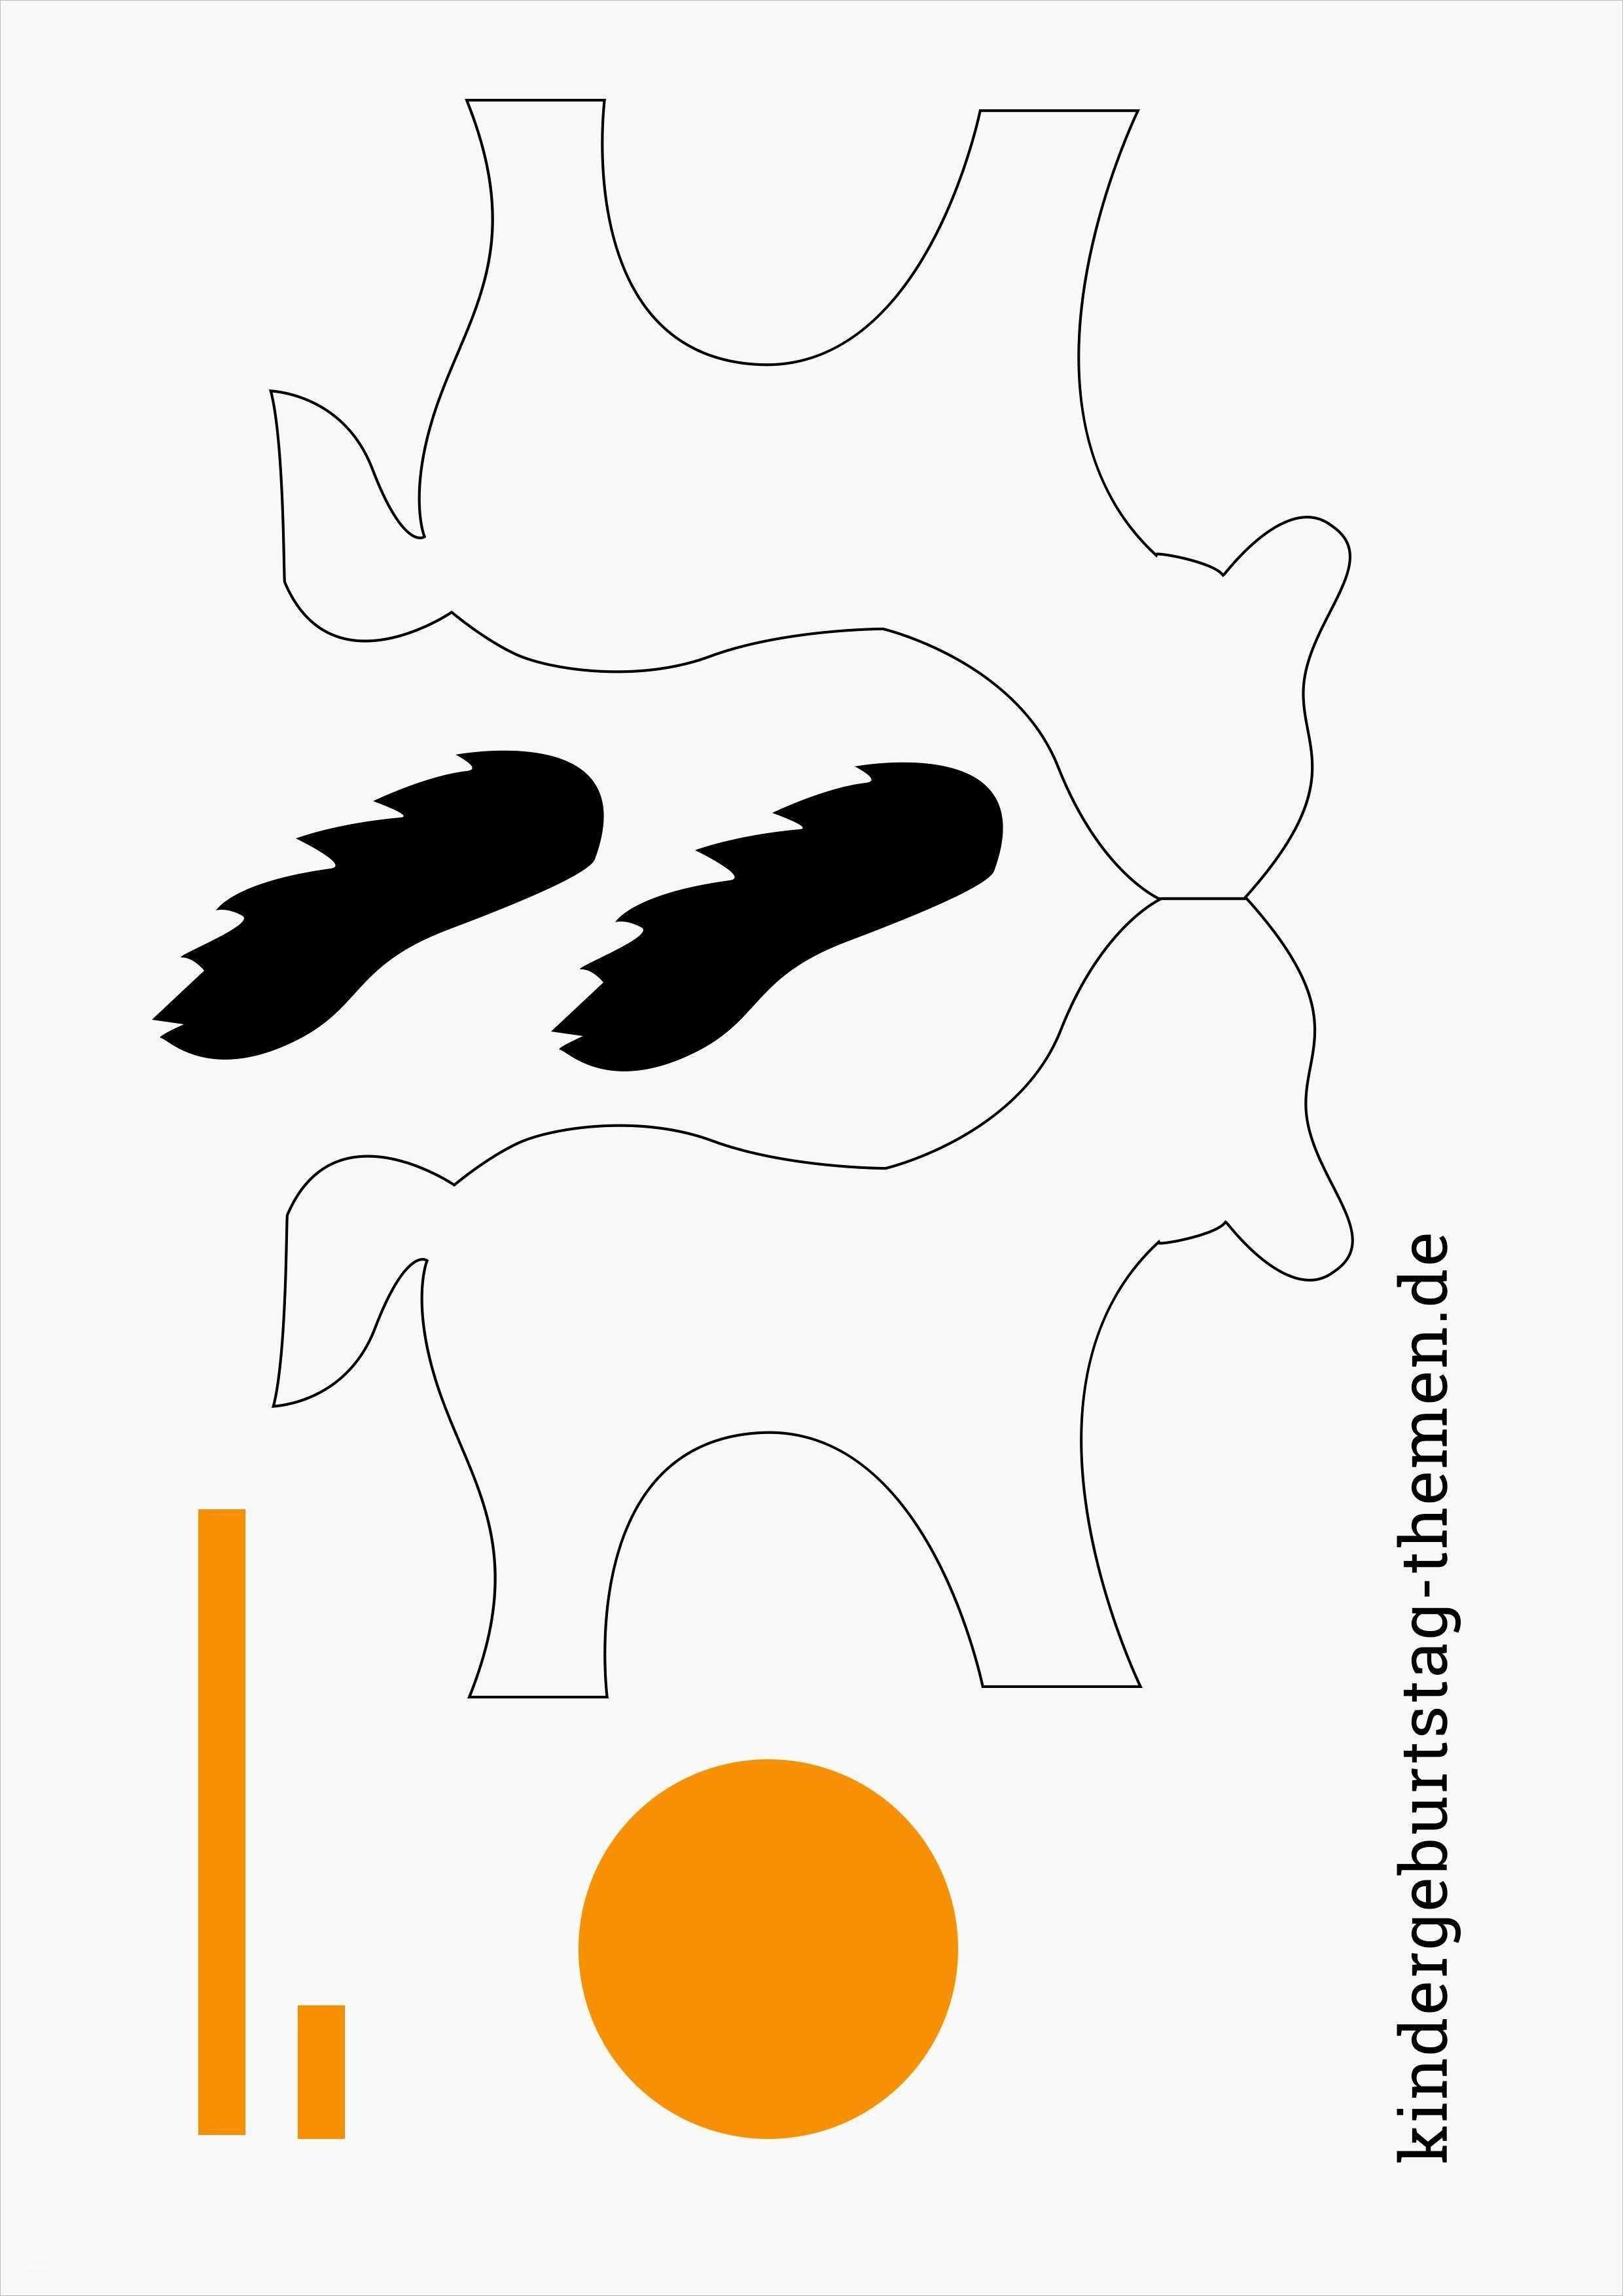 Einladung Pferd Vorlage Erstaunlich Pferd Bas In 2020 With Images